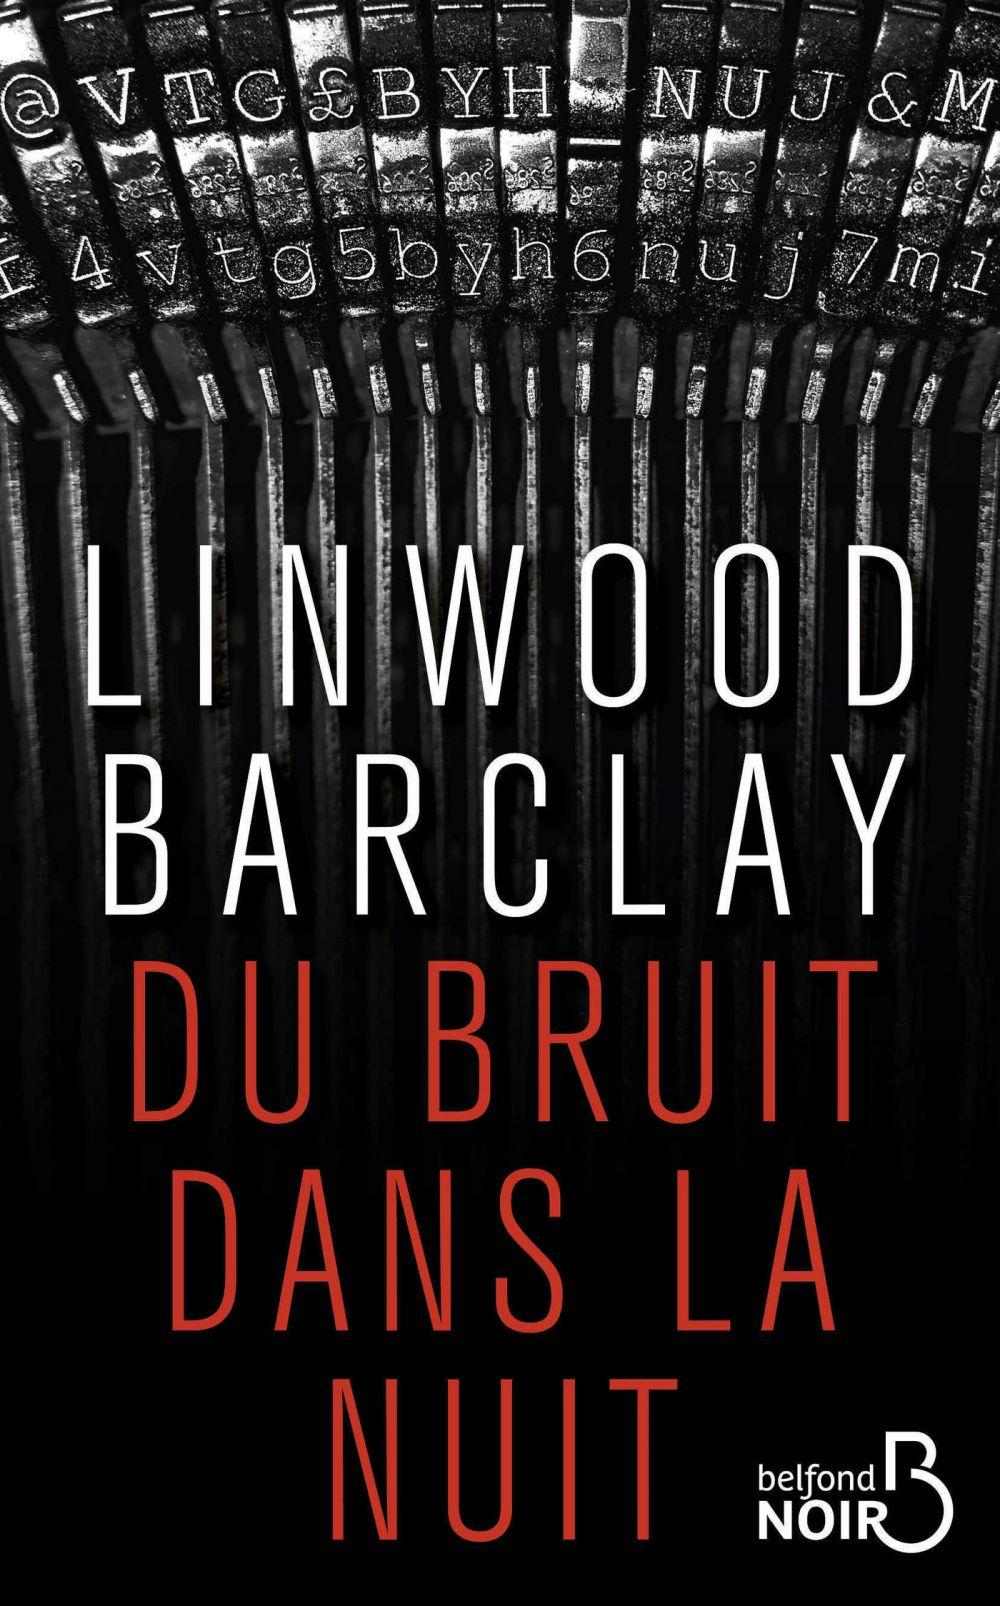 Du bruit dans la nuit   BARCLAY, Linwood. Auteur